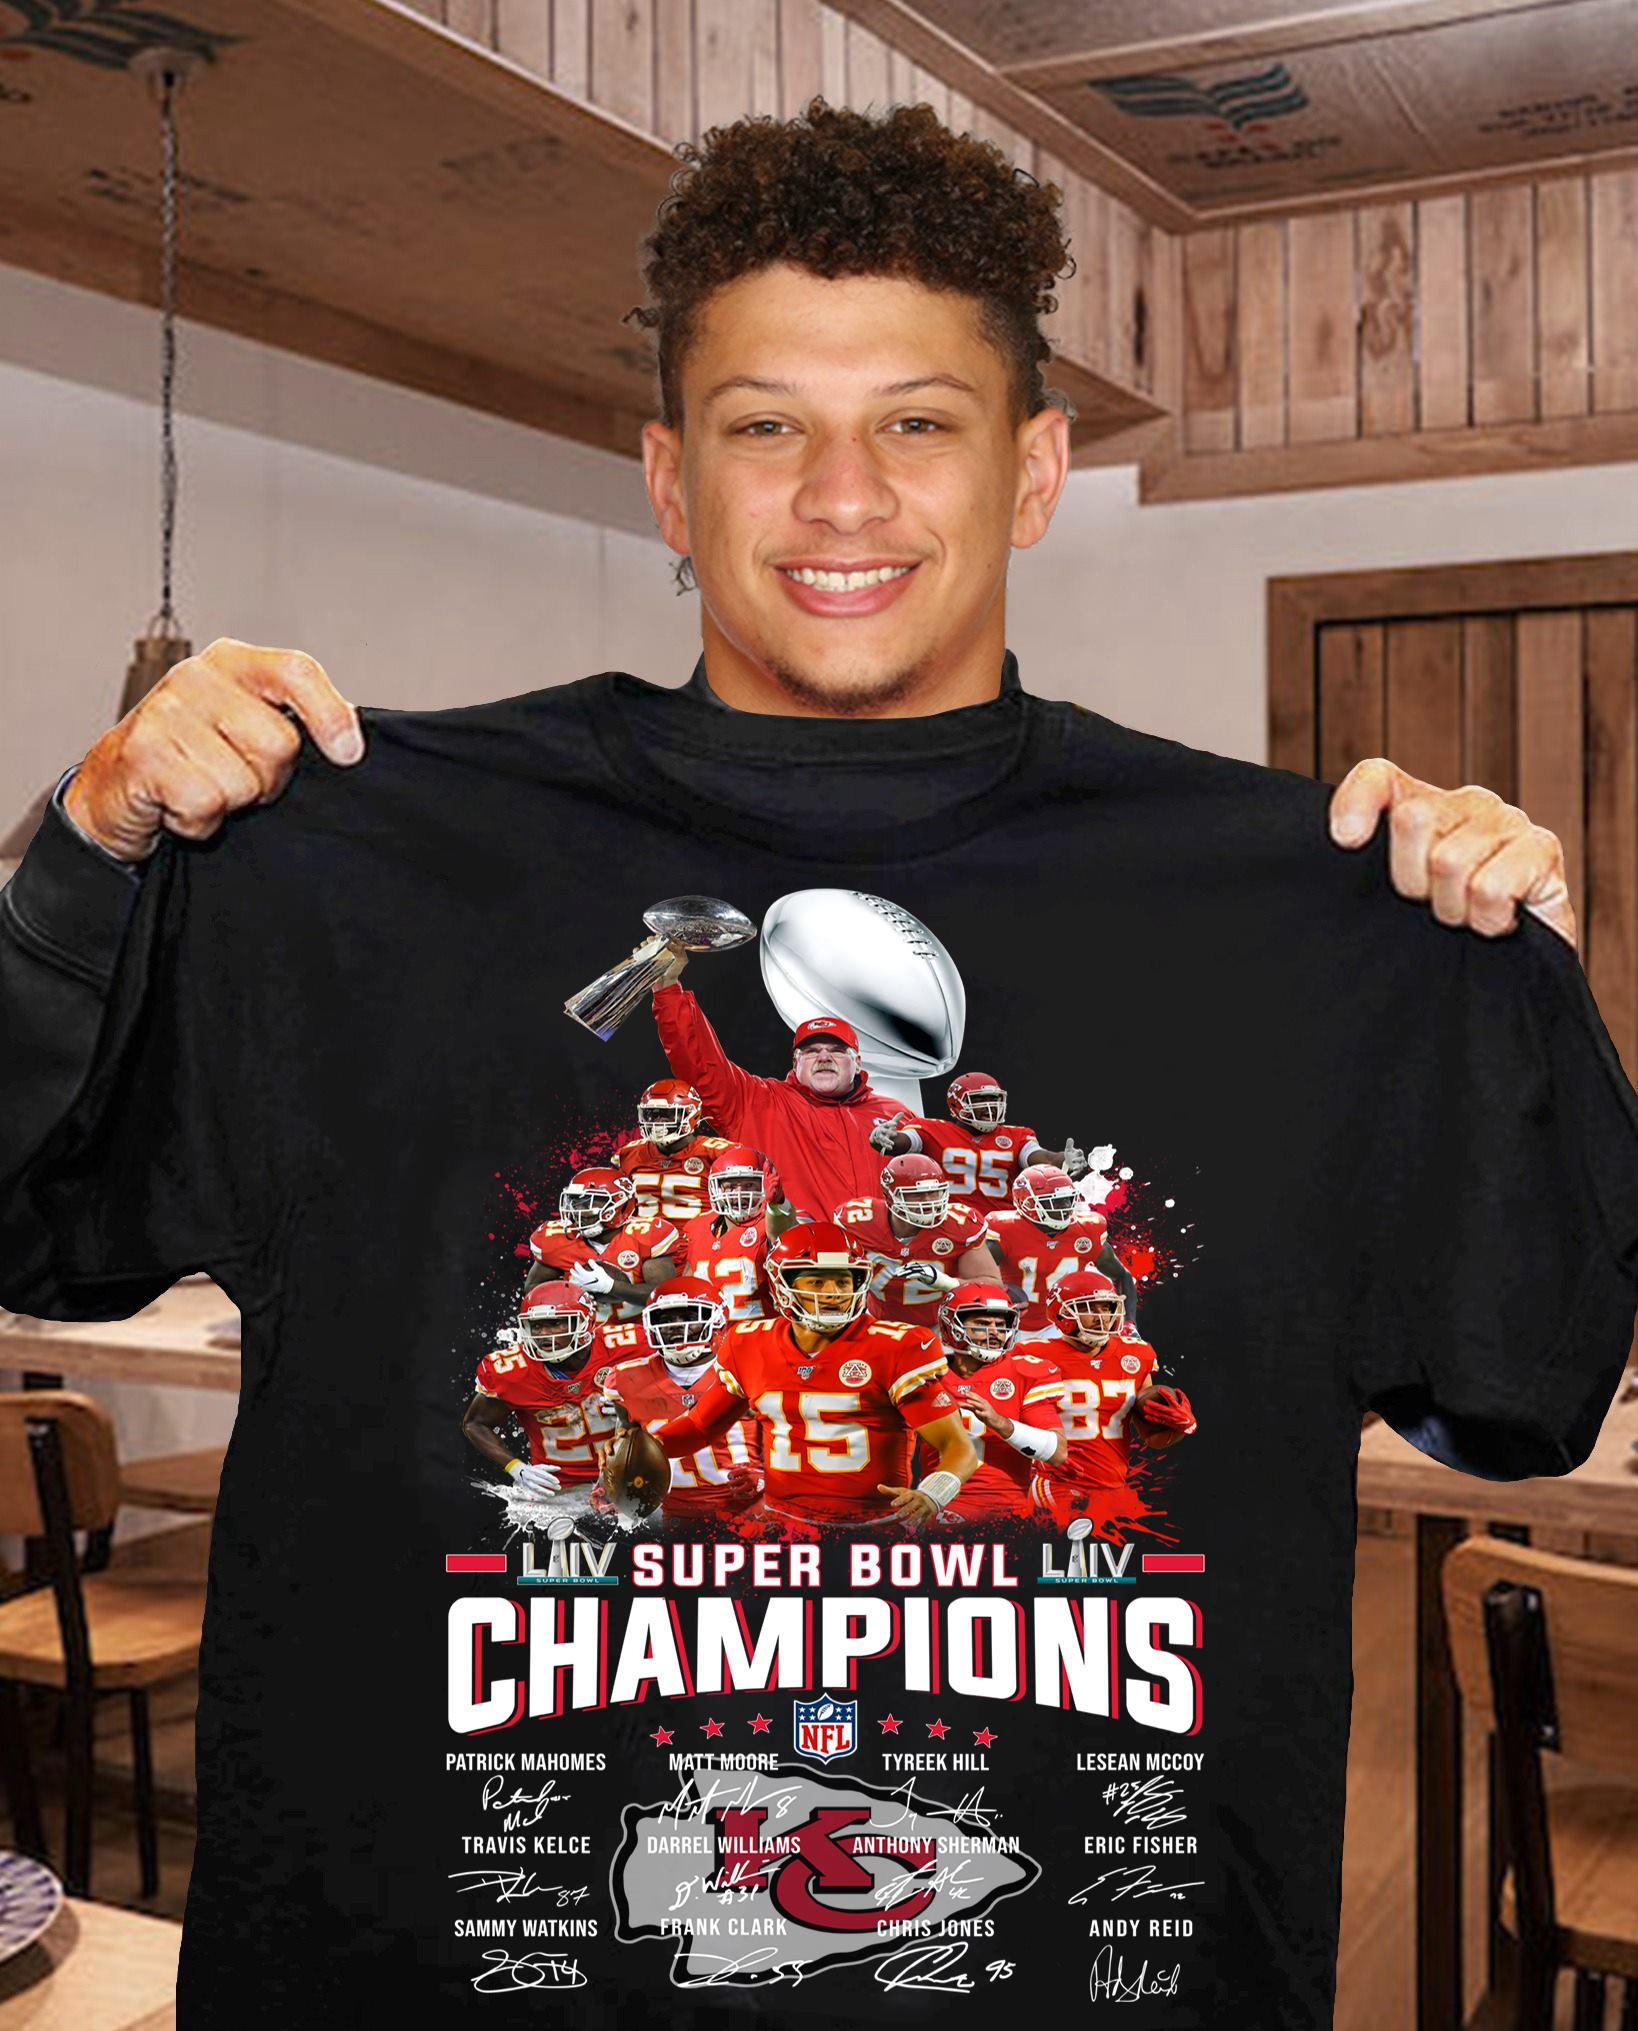 LIV super bowl champions signature shirt